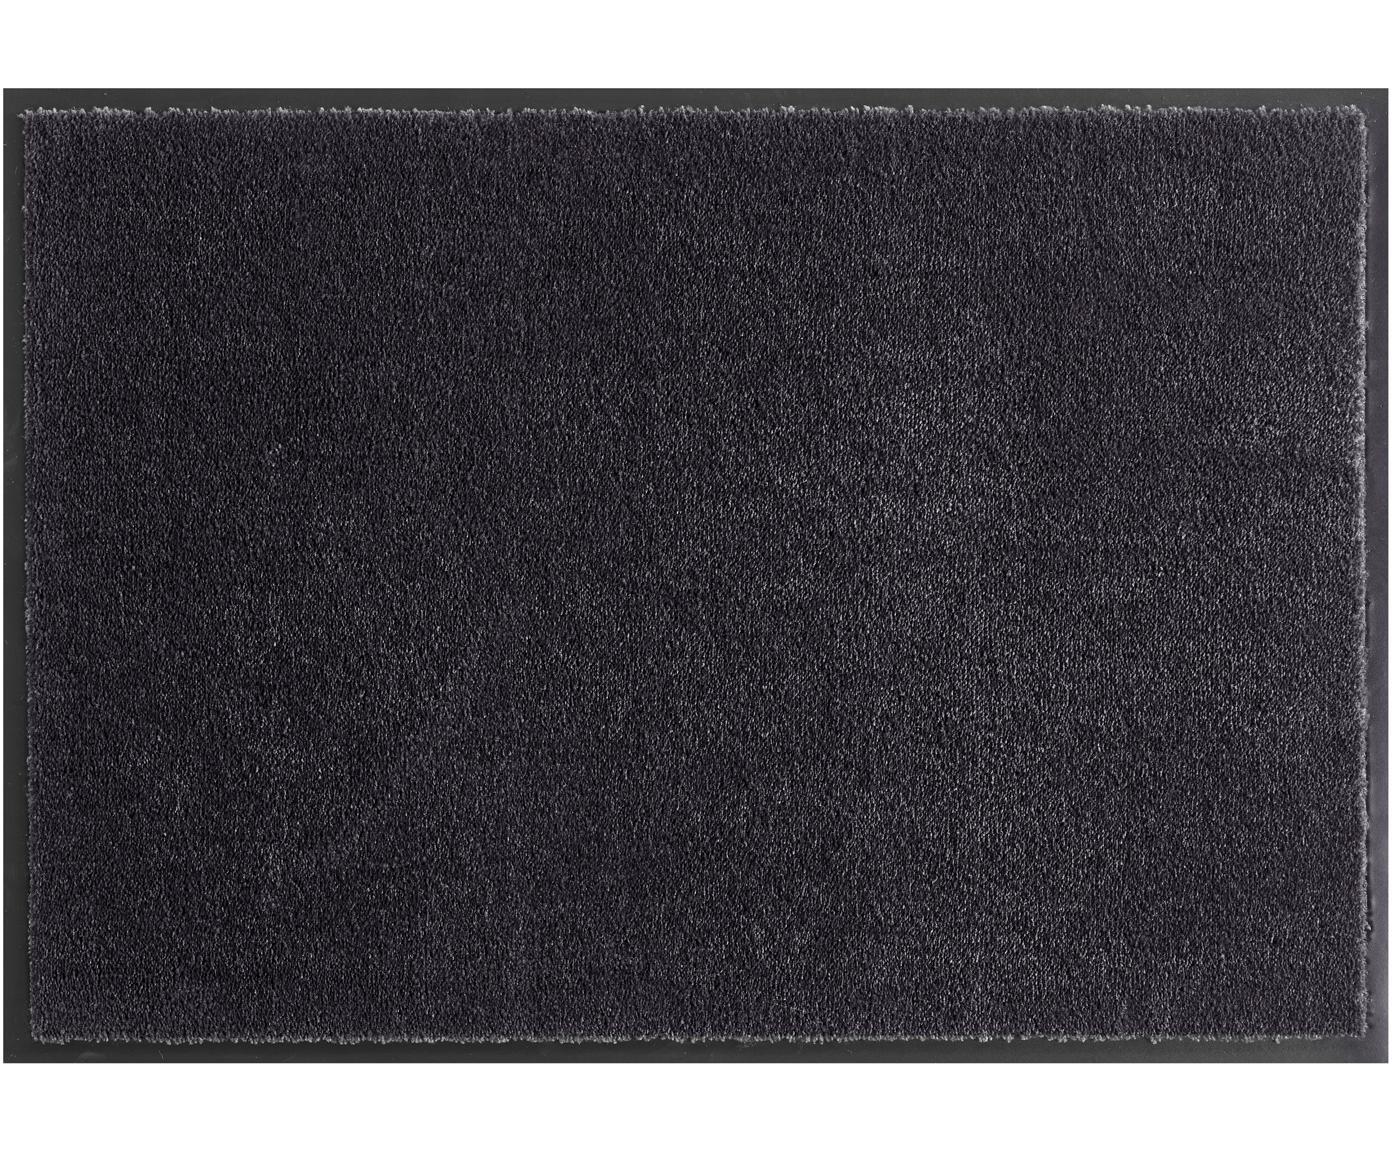 Polyamide deurmat Milo, Bovenzijde: polyamide, Onderzijde: rubber, Zwart, 39 x 58 cm